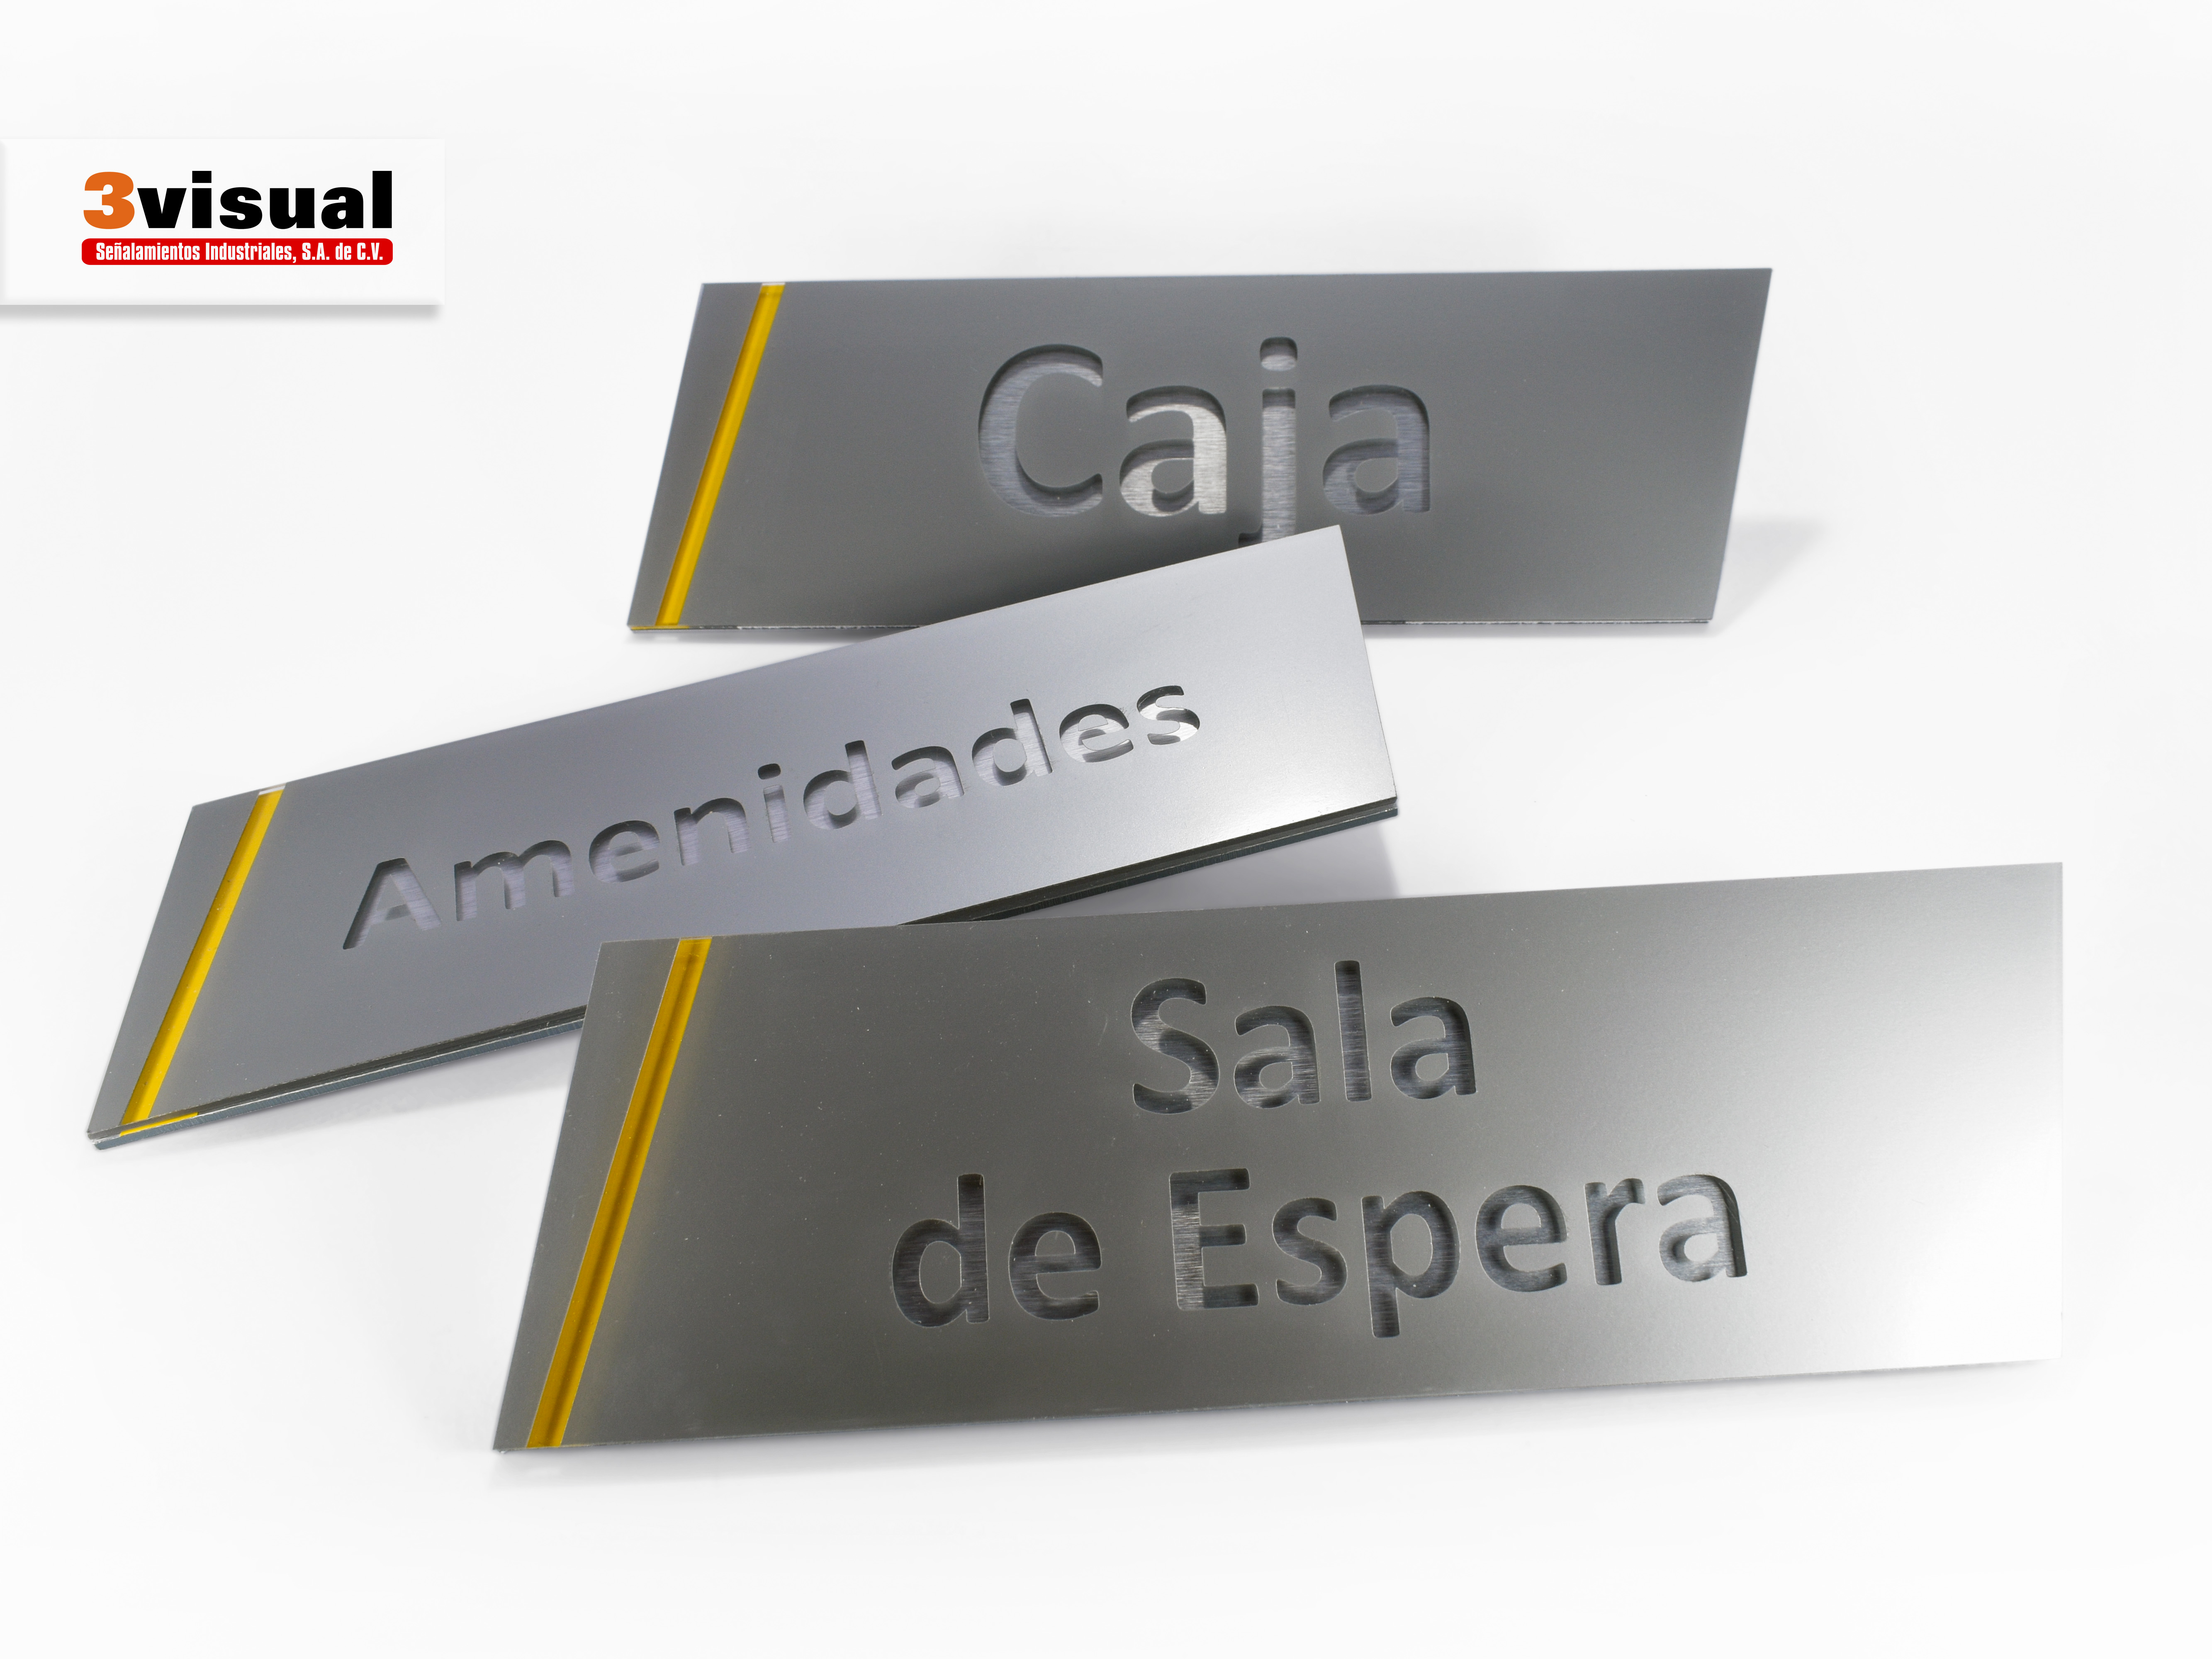 Letreros con letras en relieve